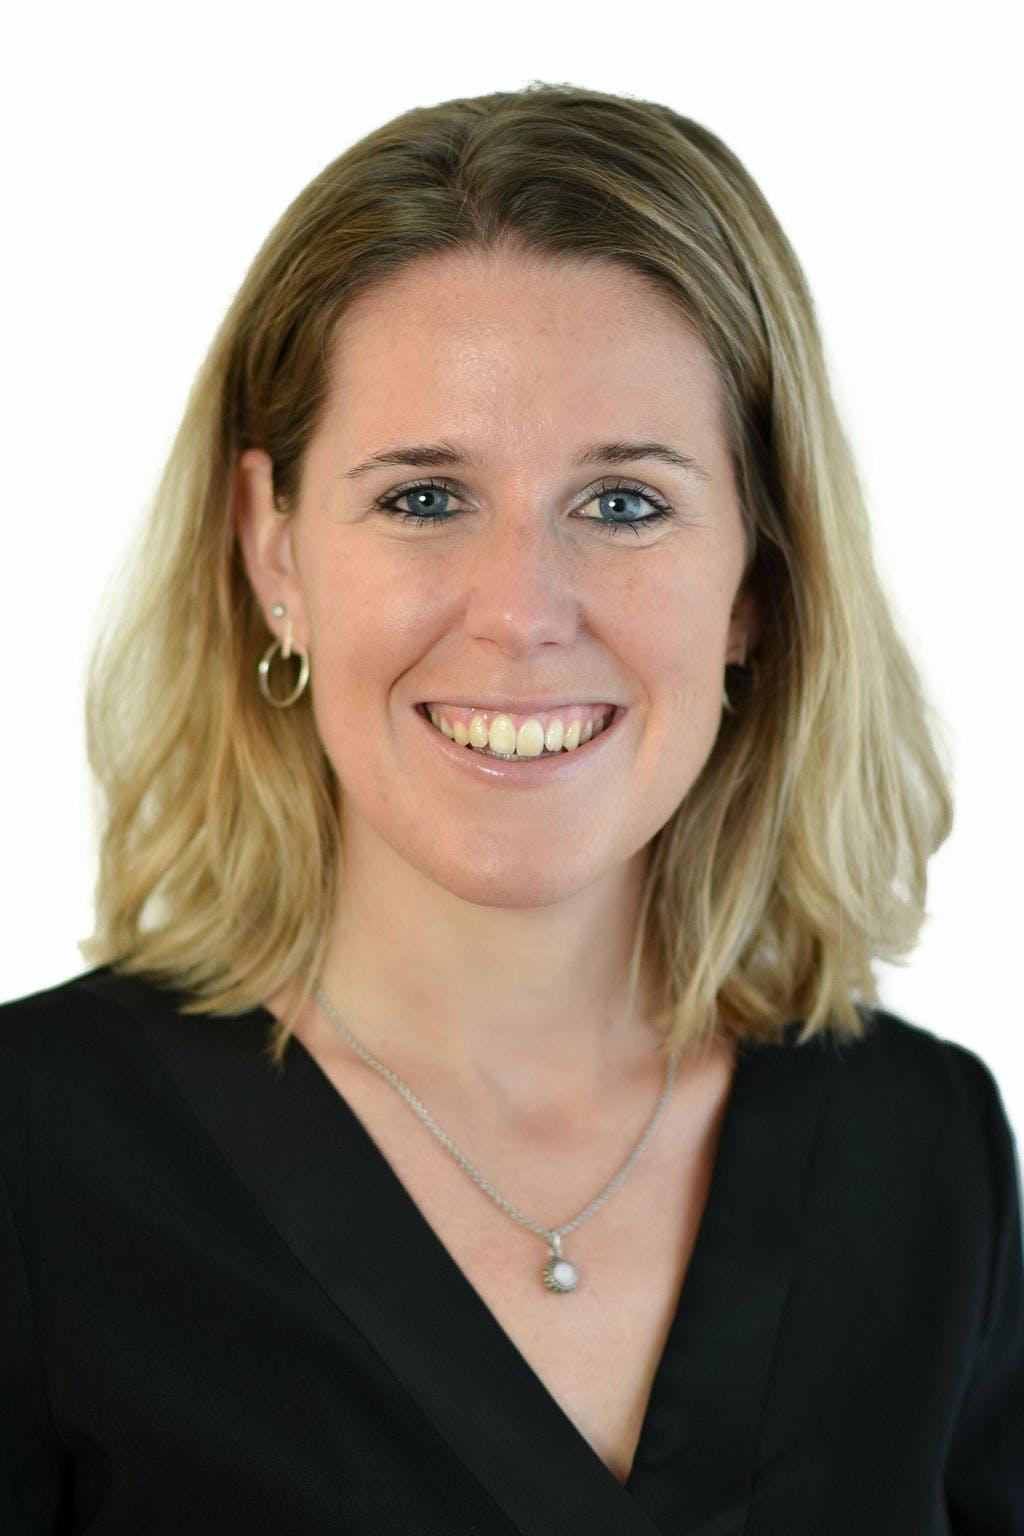 Portrait von Lara Burkart